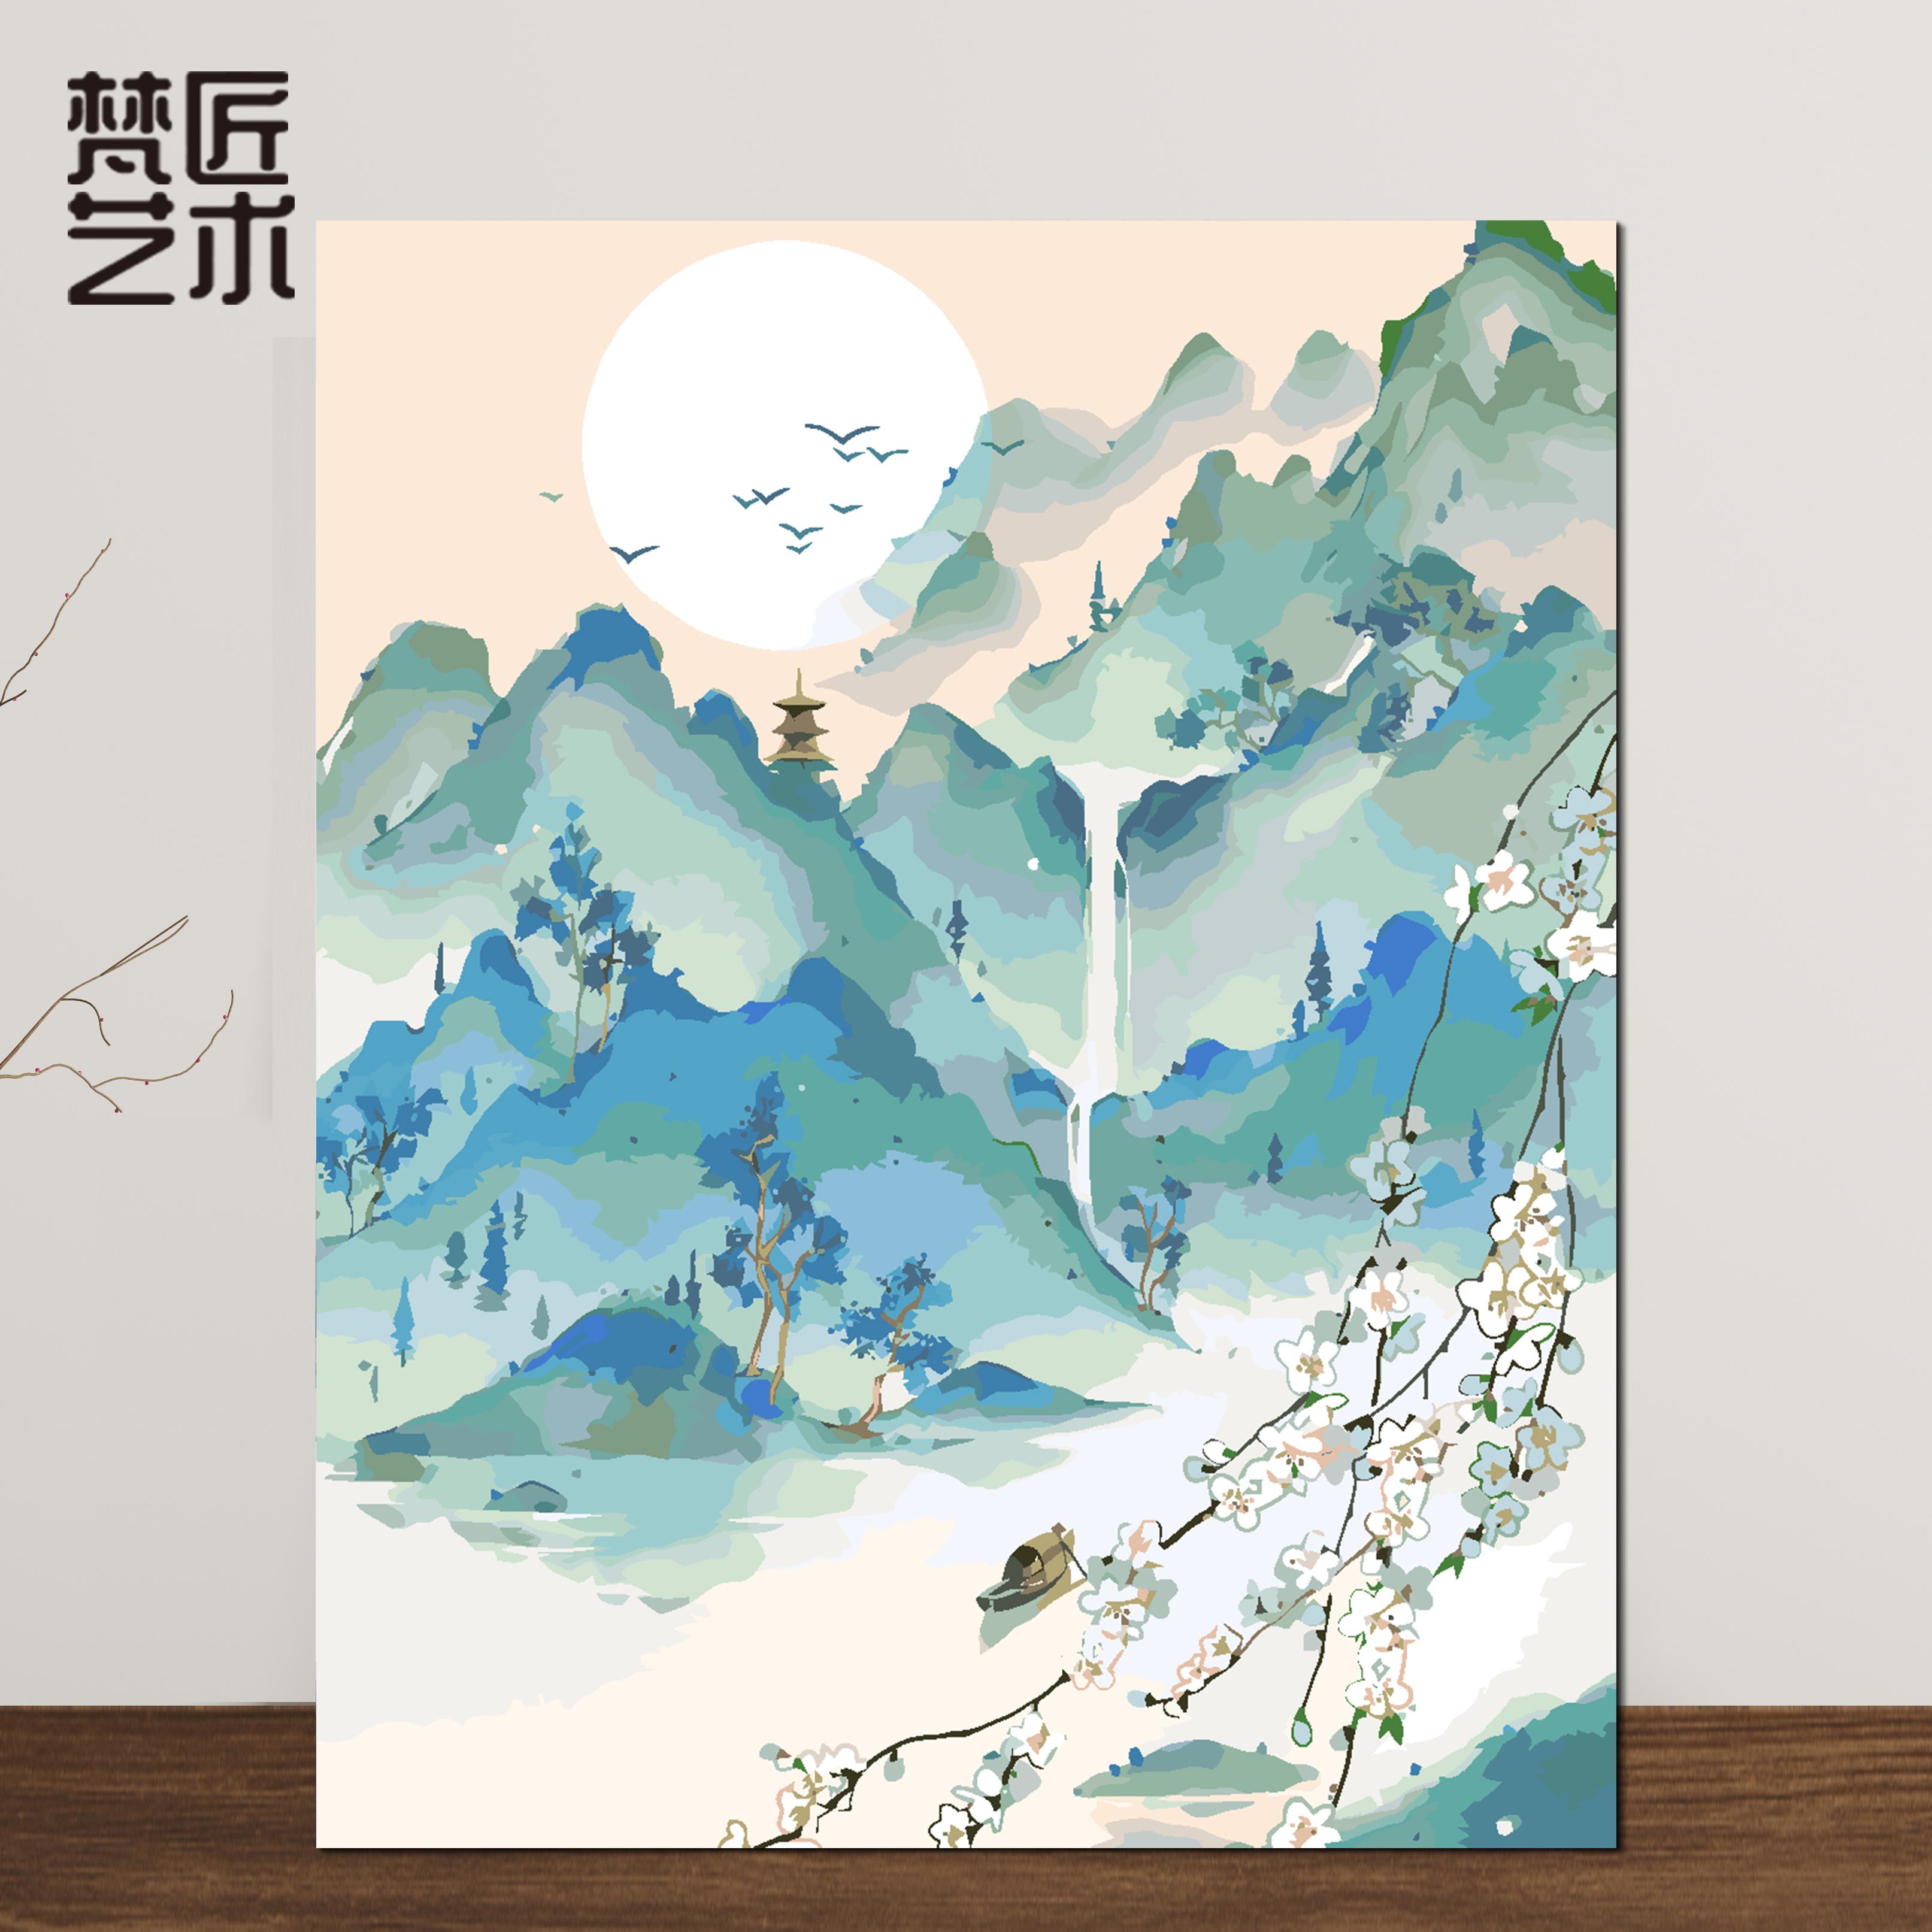 填充減壓裝飾畫手工繪畫DIY國風山水人物客廳風景填色畫數字油畫